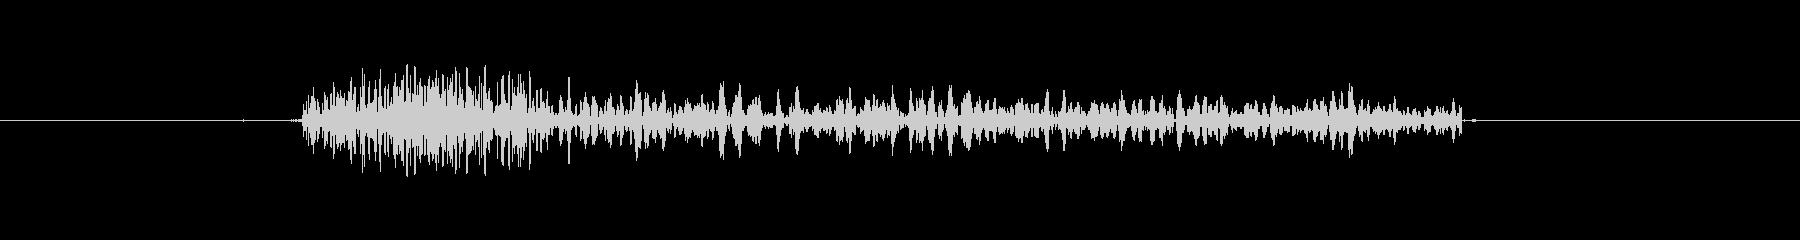 カチッとなるカジュアル効果音の未再生の波形